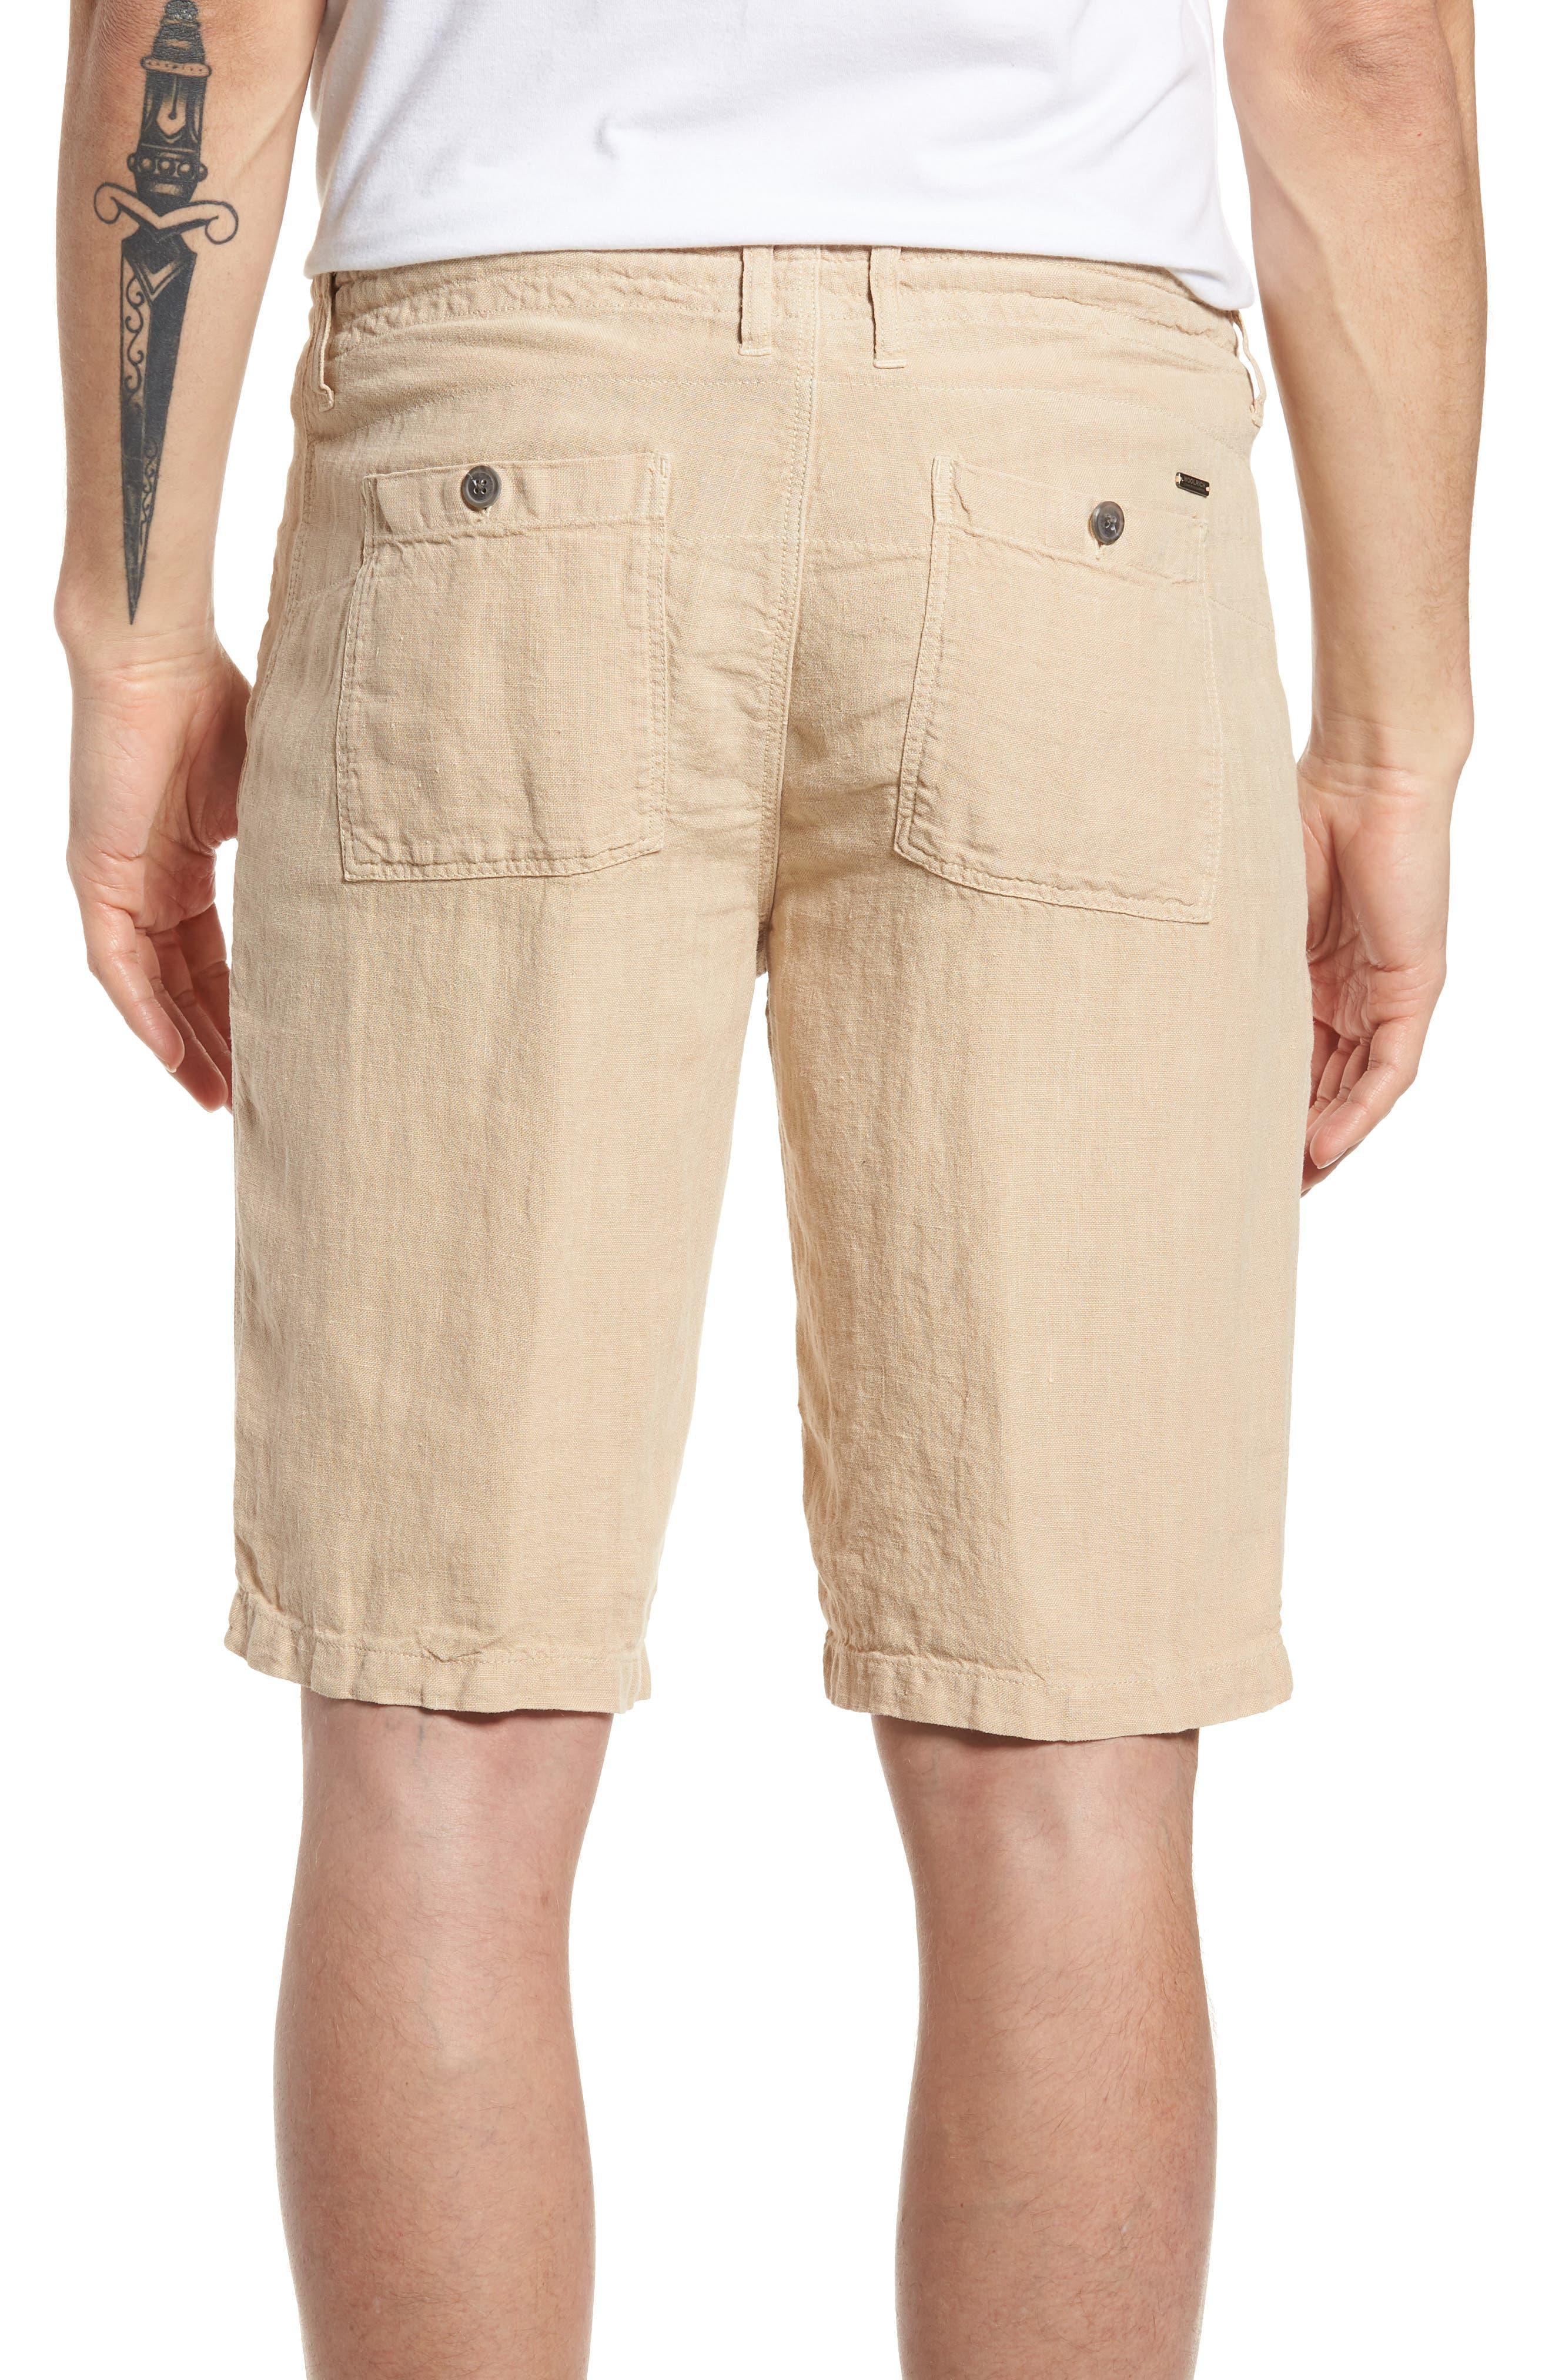 & Bros. Linen Shorts,                             Alternate thumbnail 2, color,                             Desert Dust